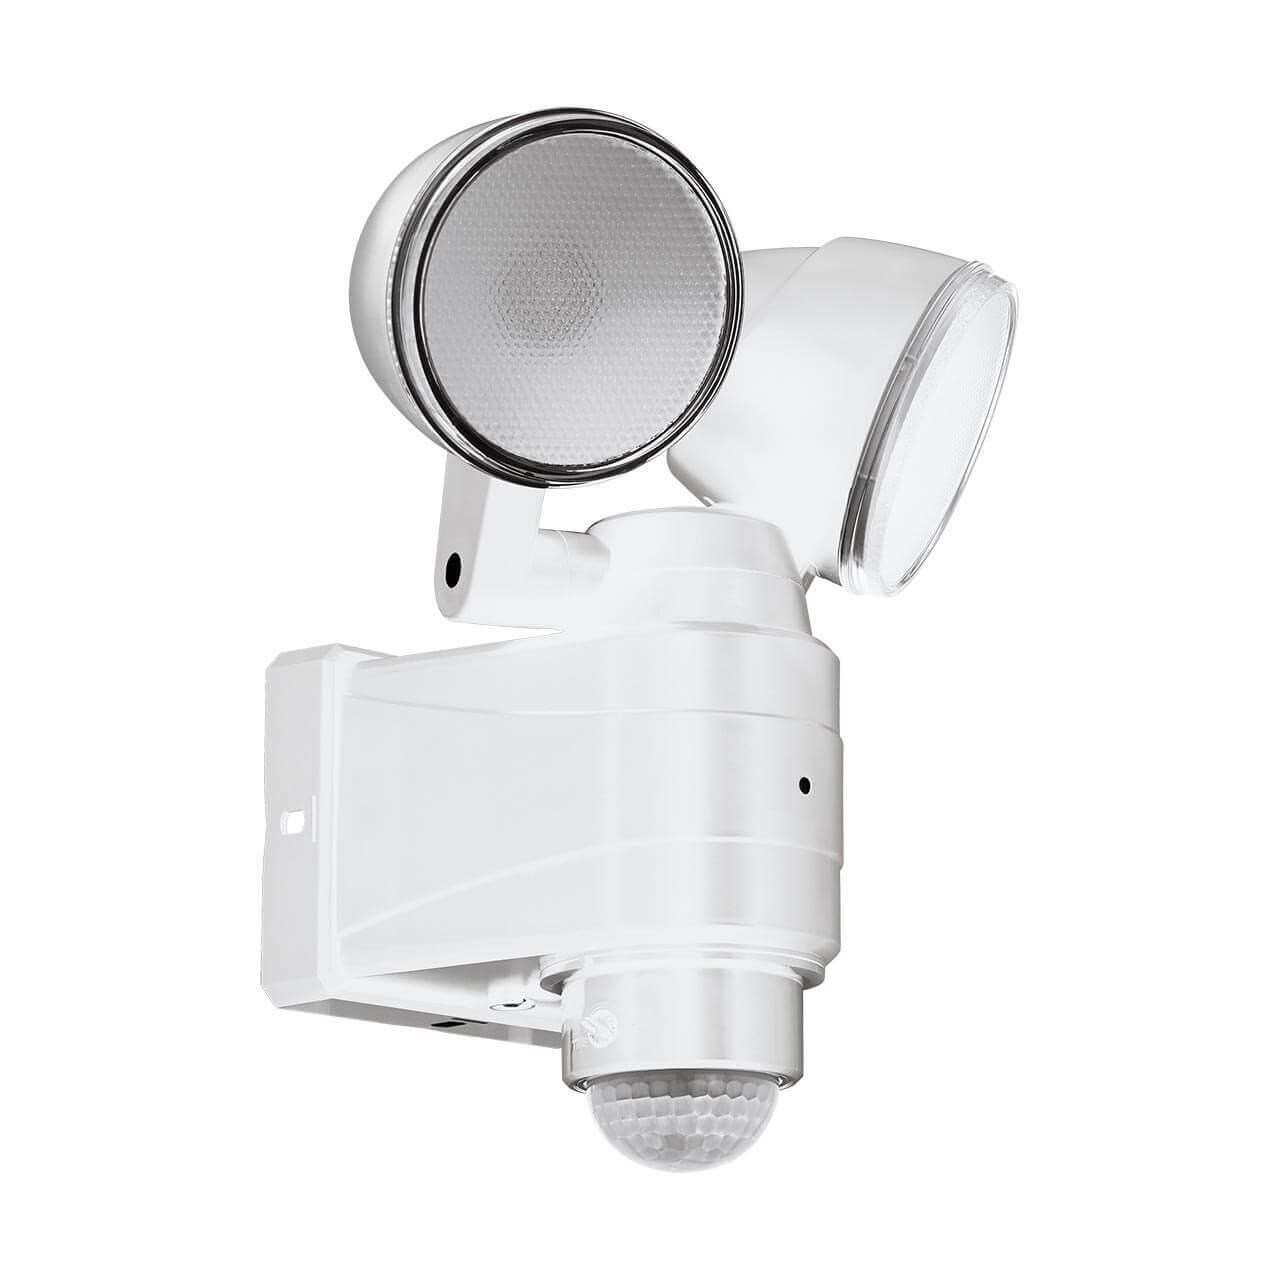 Светильник Eglo 98194 Casabas уличный настенный светодиодный светильник eglo casabas 98194